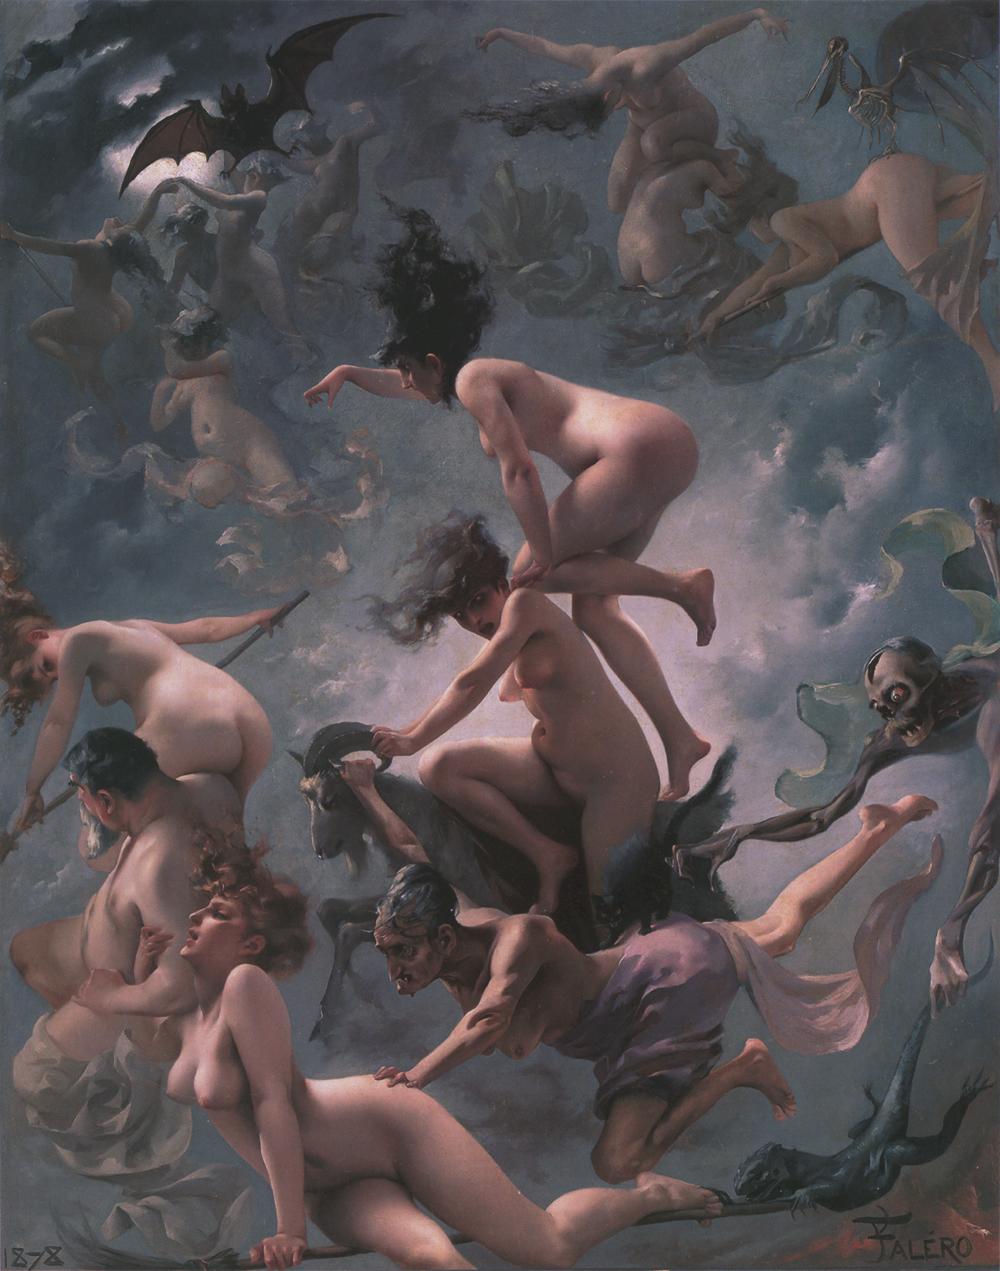 Boszorkányünnep Luis Ricardo Falero festményén (forrás: Wikipedia)